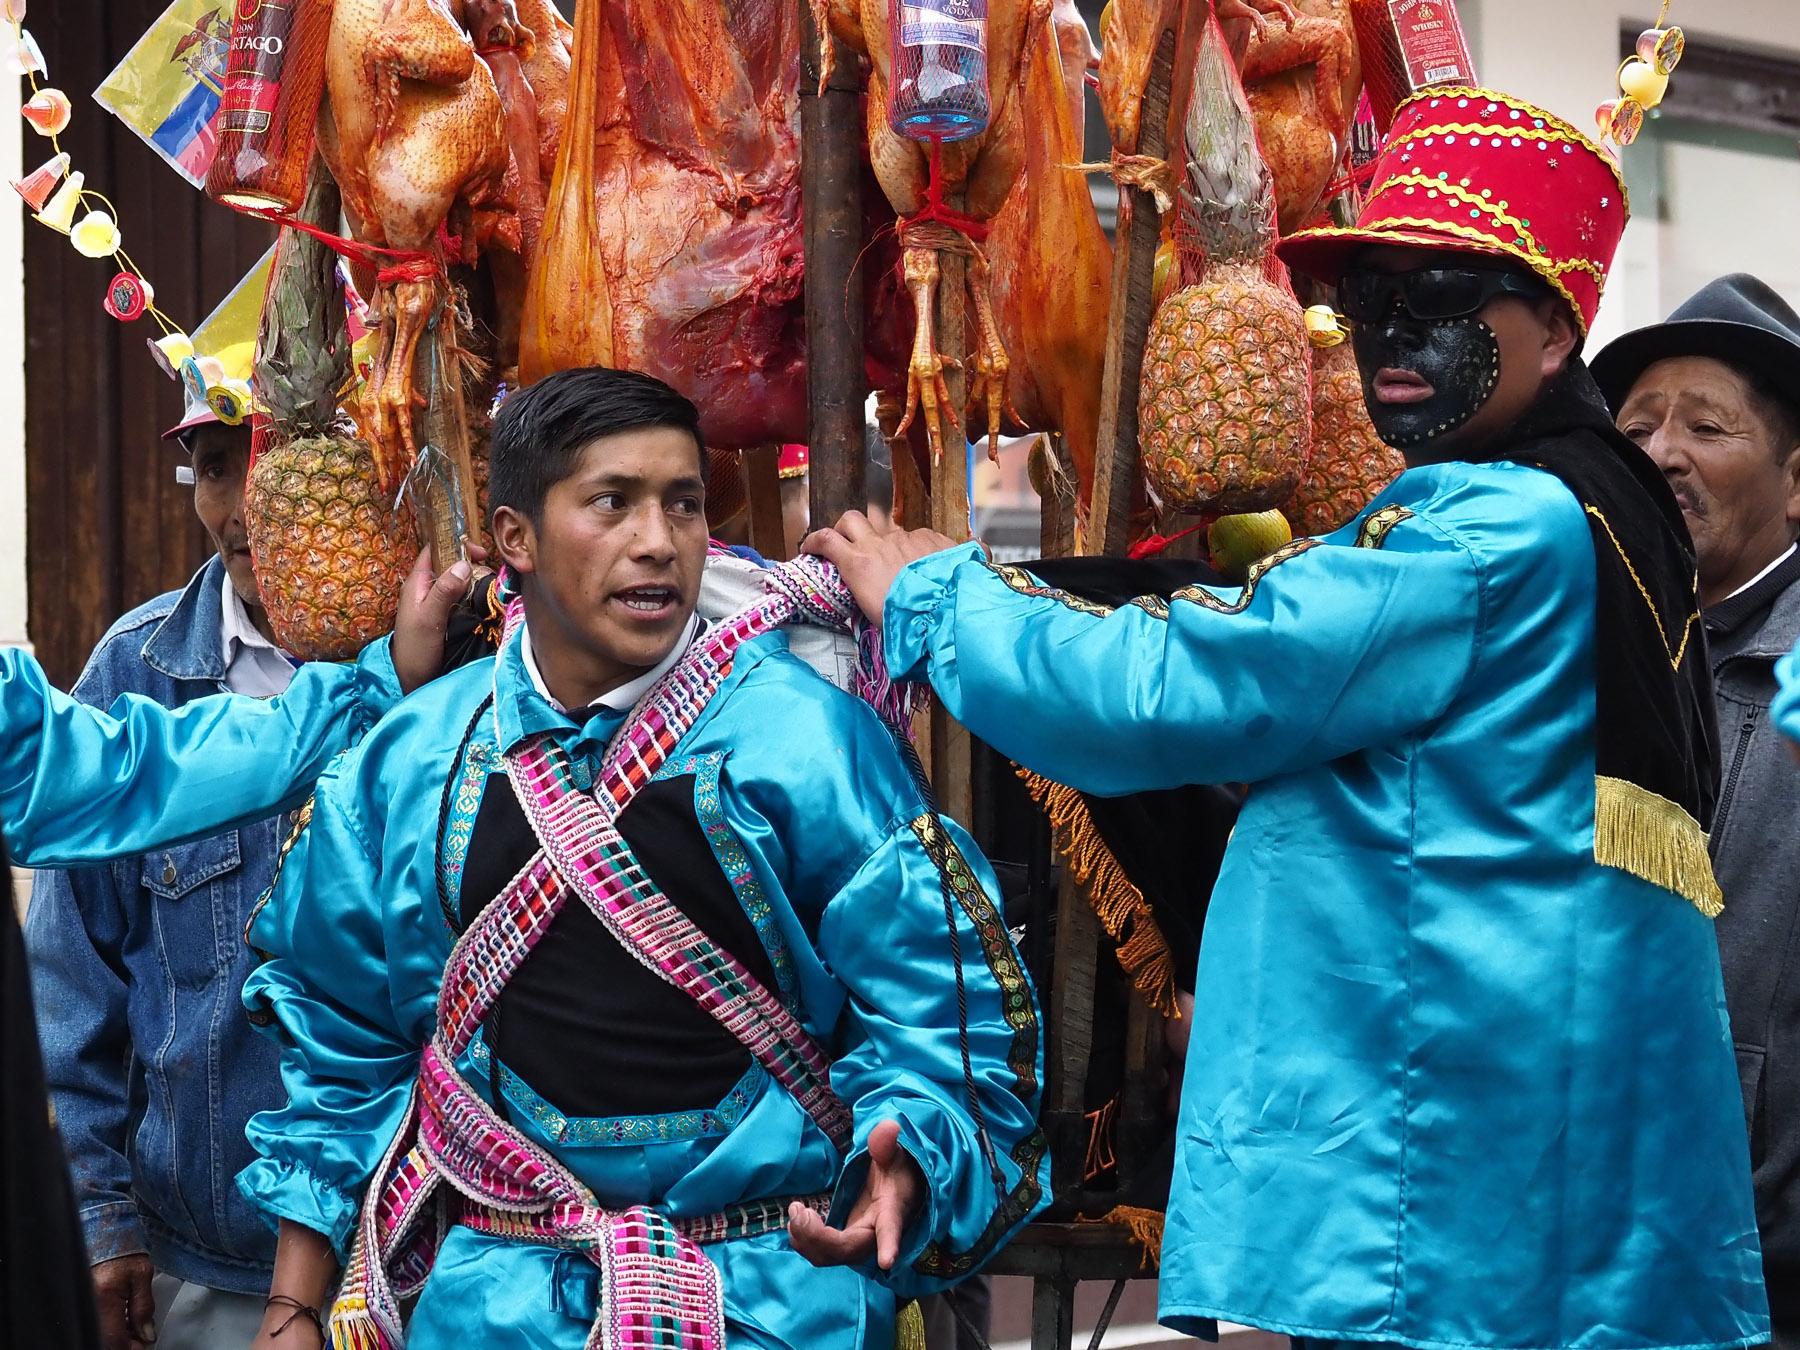 Dieses Schwein, geschmückt mit Ananas und Schnapsflaschen, ist unglaublich schwer